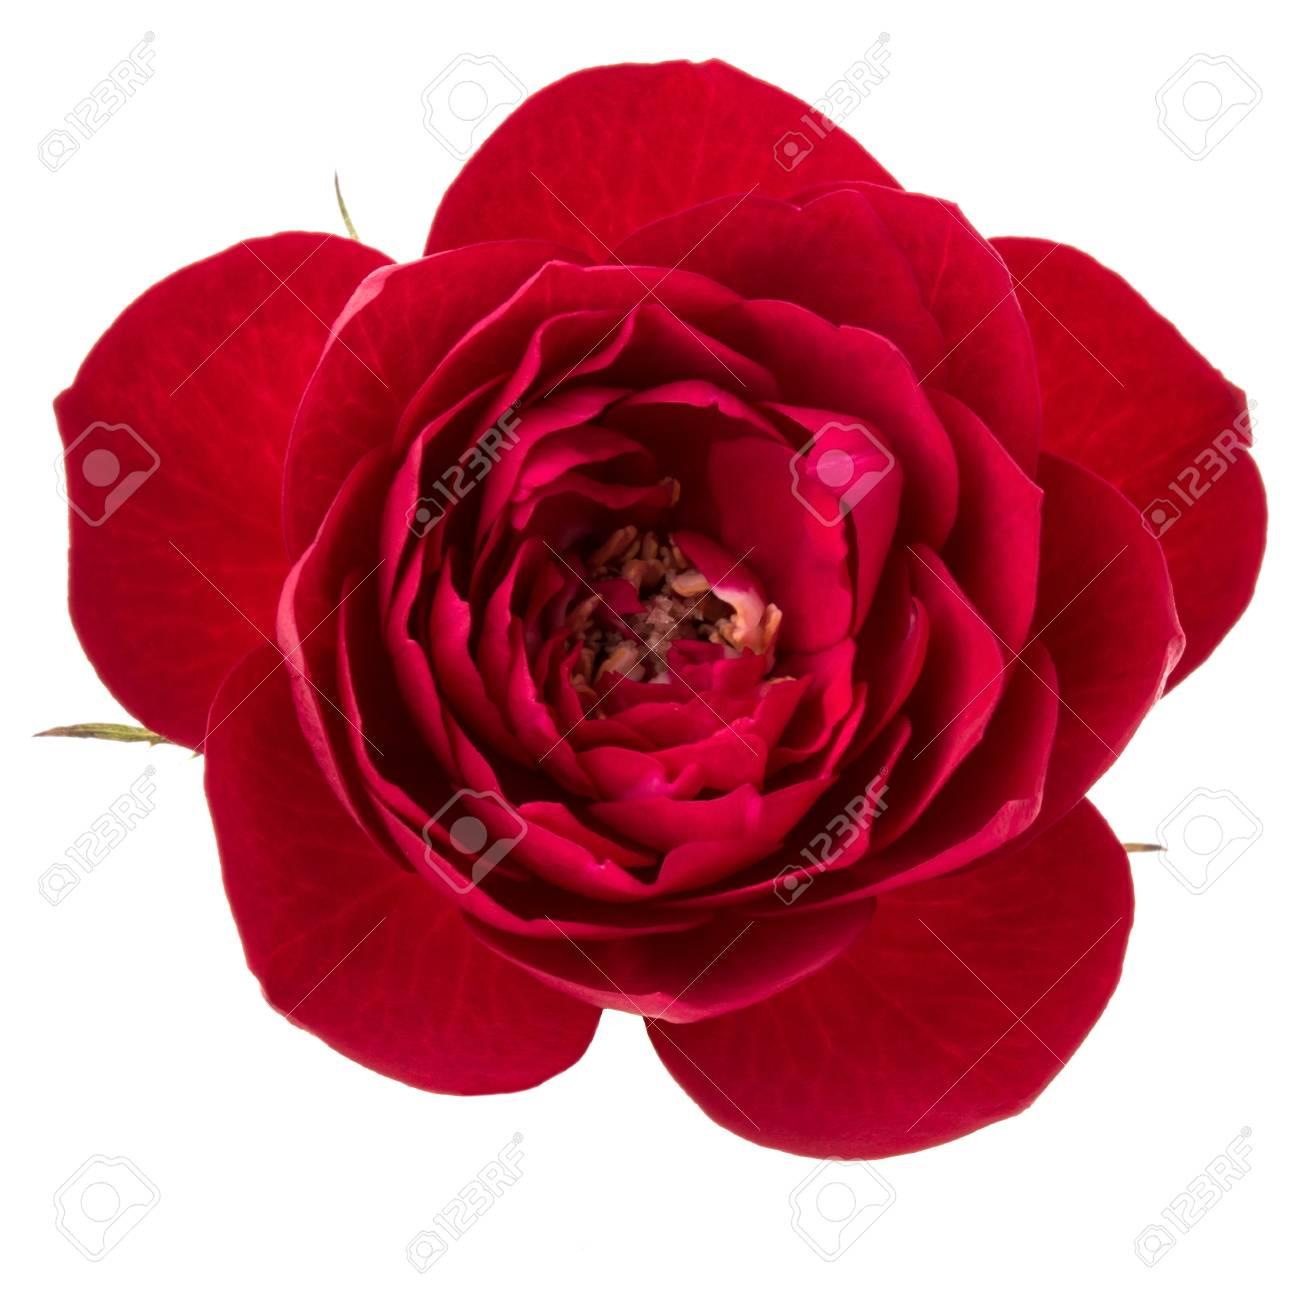 Une Tete De Fleur Rose Rouge Isolee Sur La Decoupe De Fond Blanc